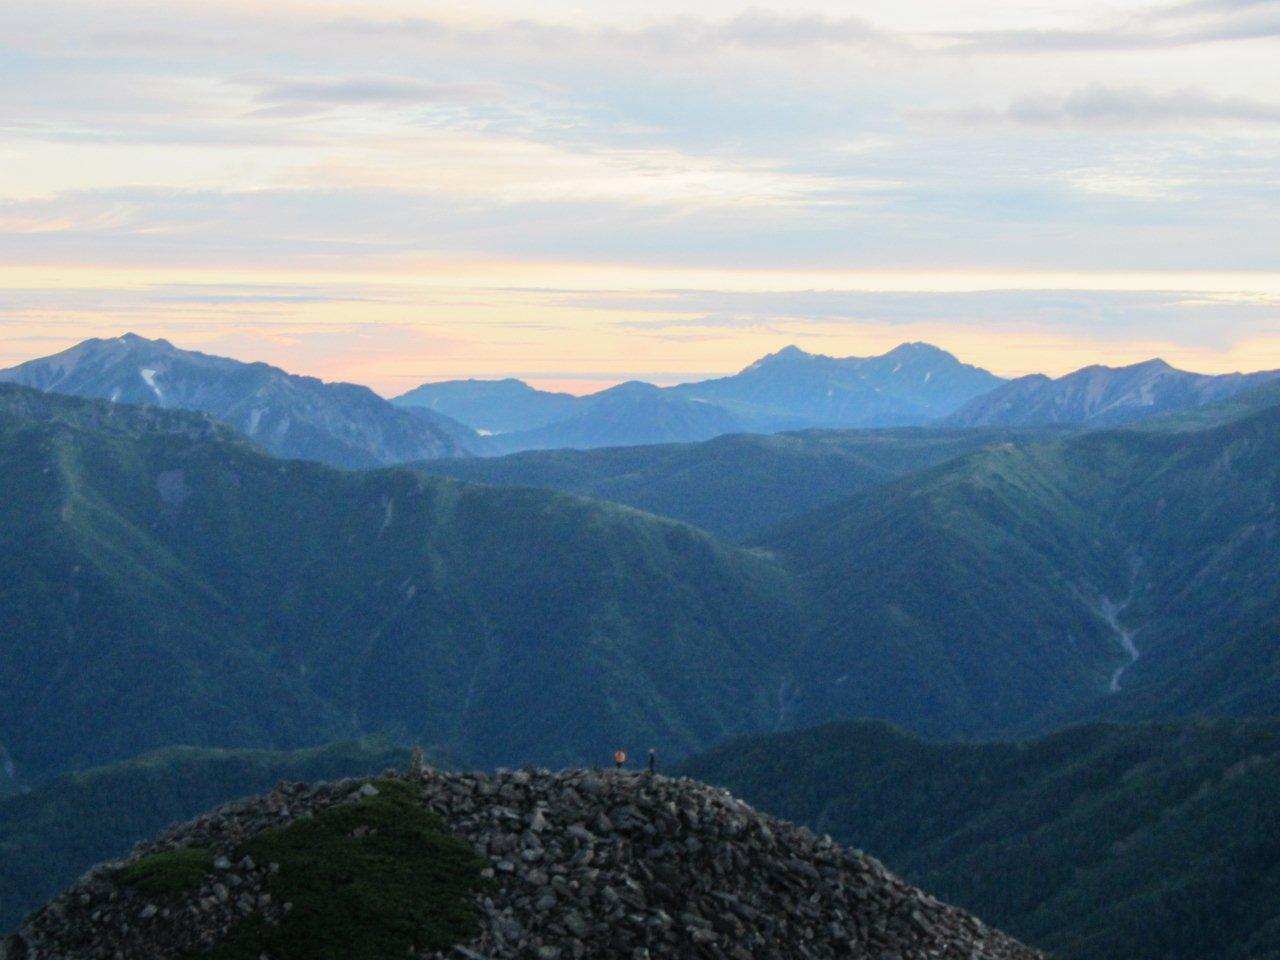 笠ヶ岳山荘から眺める雲ノ平(中央部)と背後の剱、立山